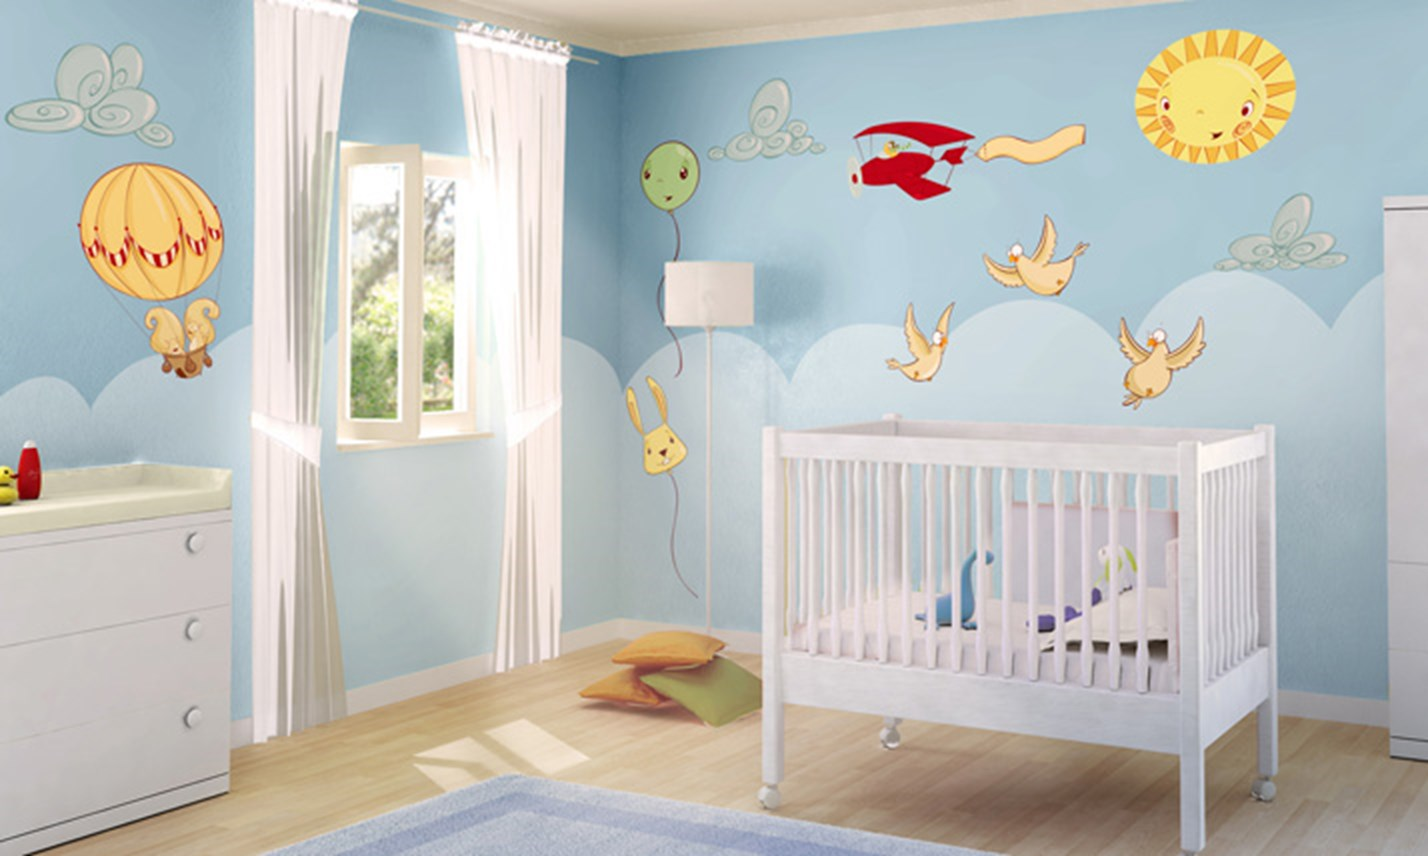 Decorazioni camerette bambini decorazioni a parete con for Decorazioni per camerette